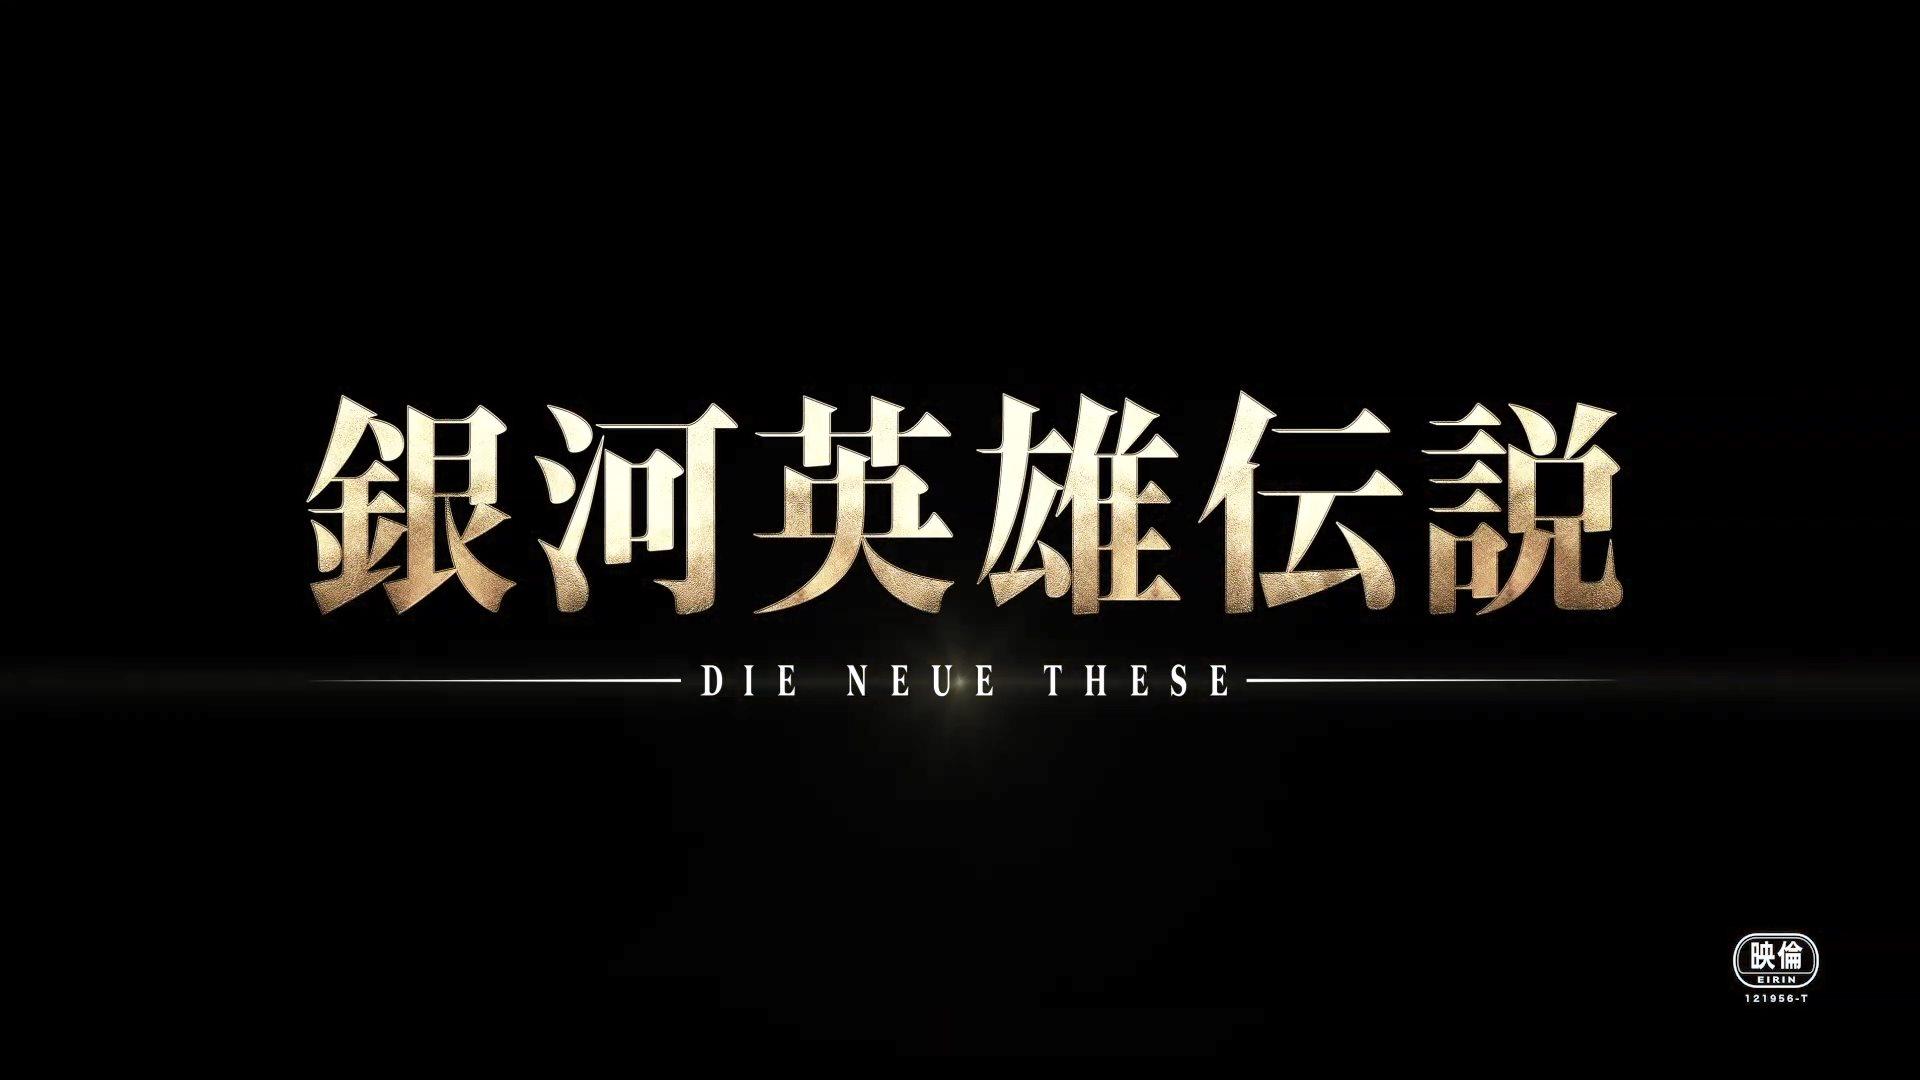 《银河英雄传说 星乱》第三章PV公开 29日上映